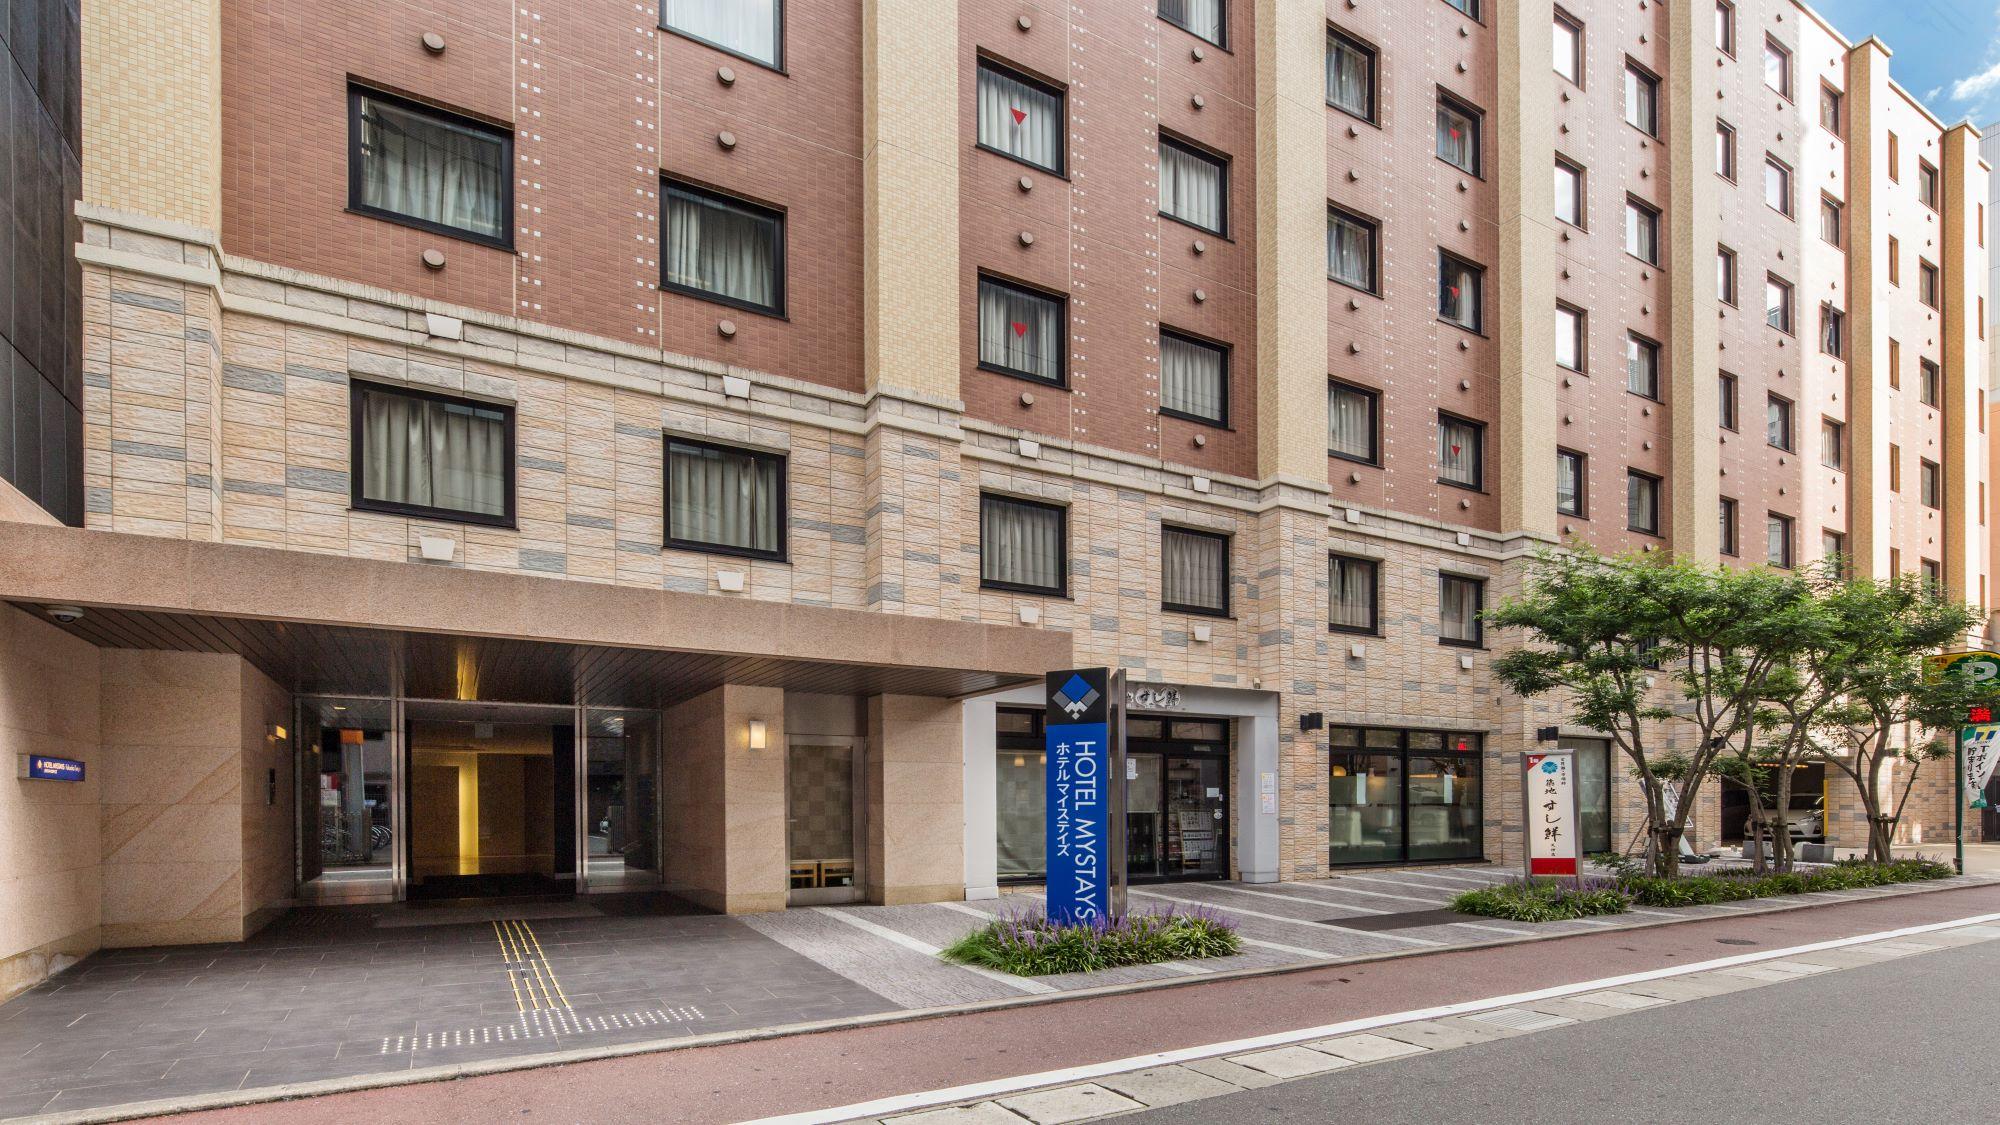 ホテル マイステイズ 福岡天神◆楽天トラベル